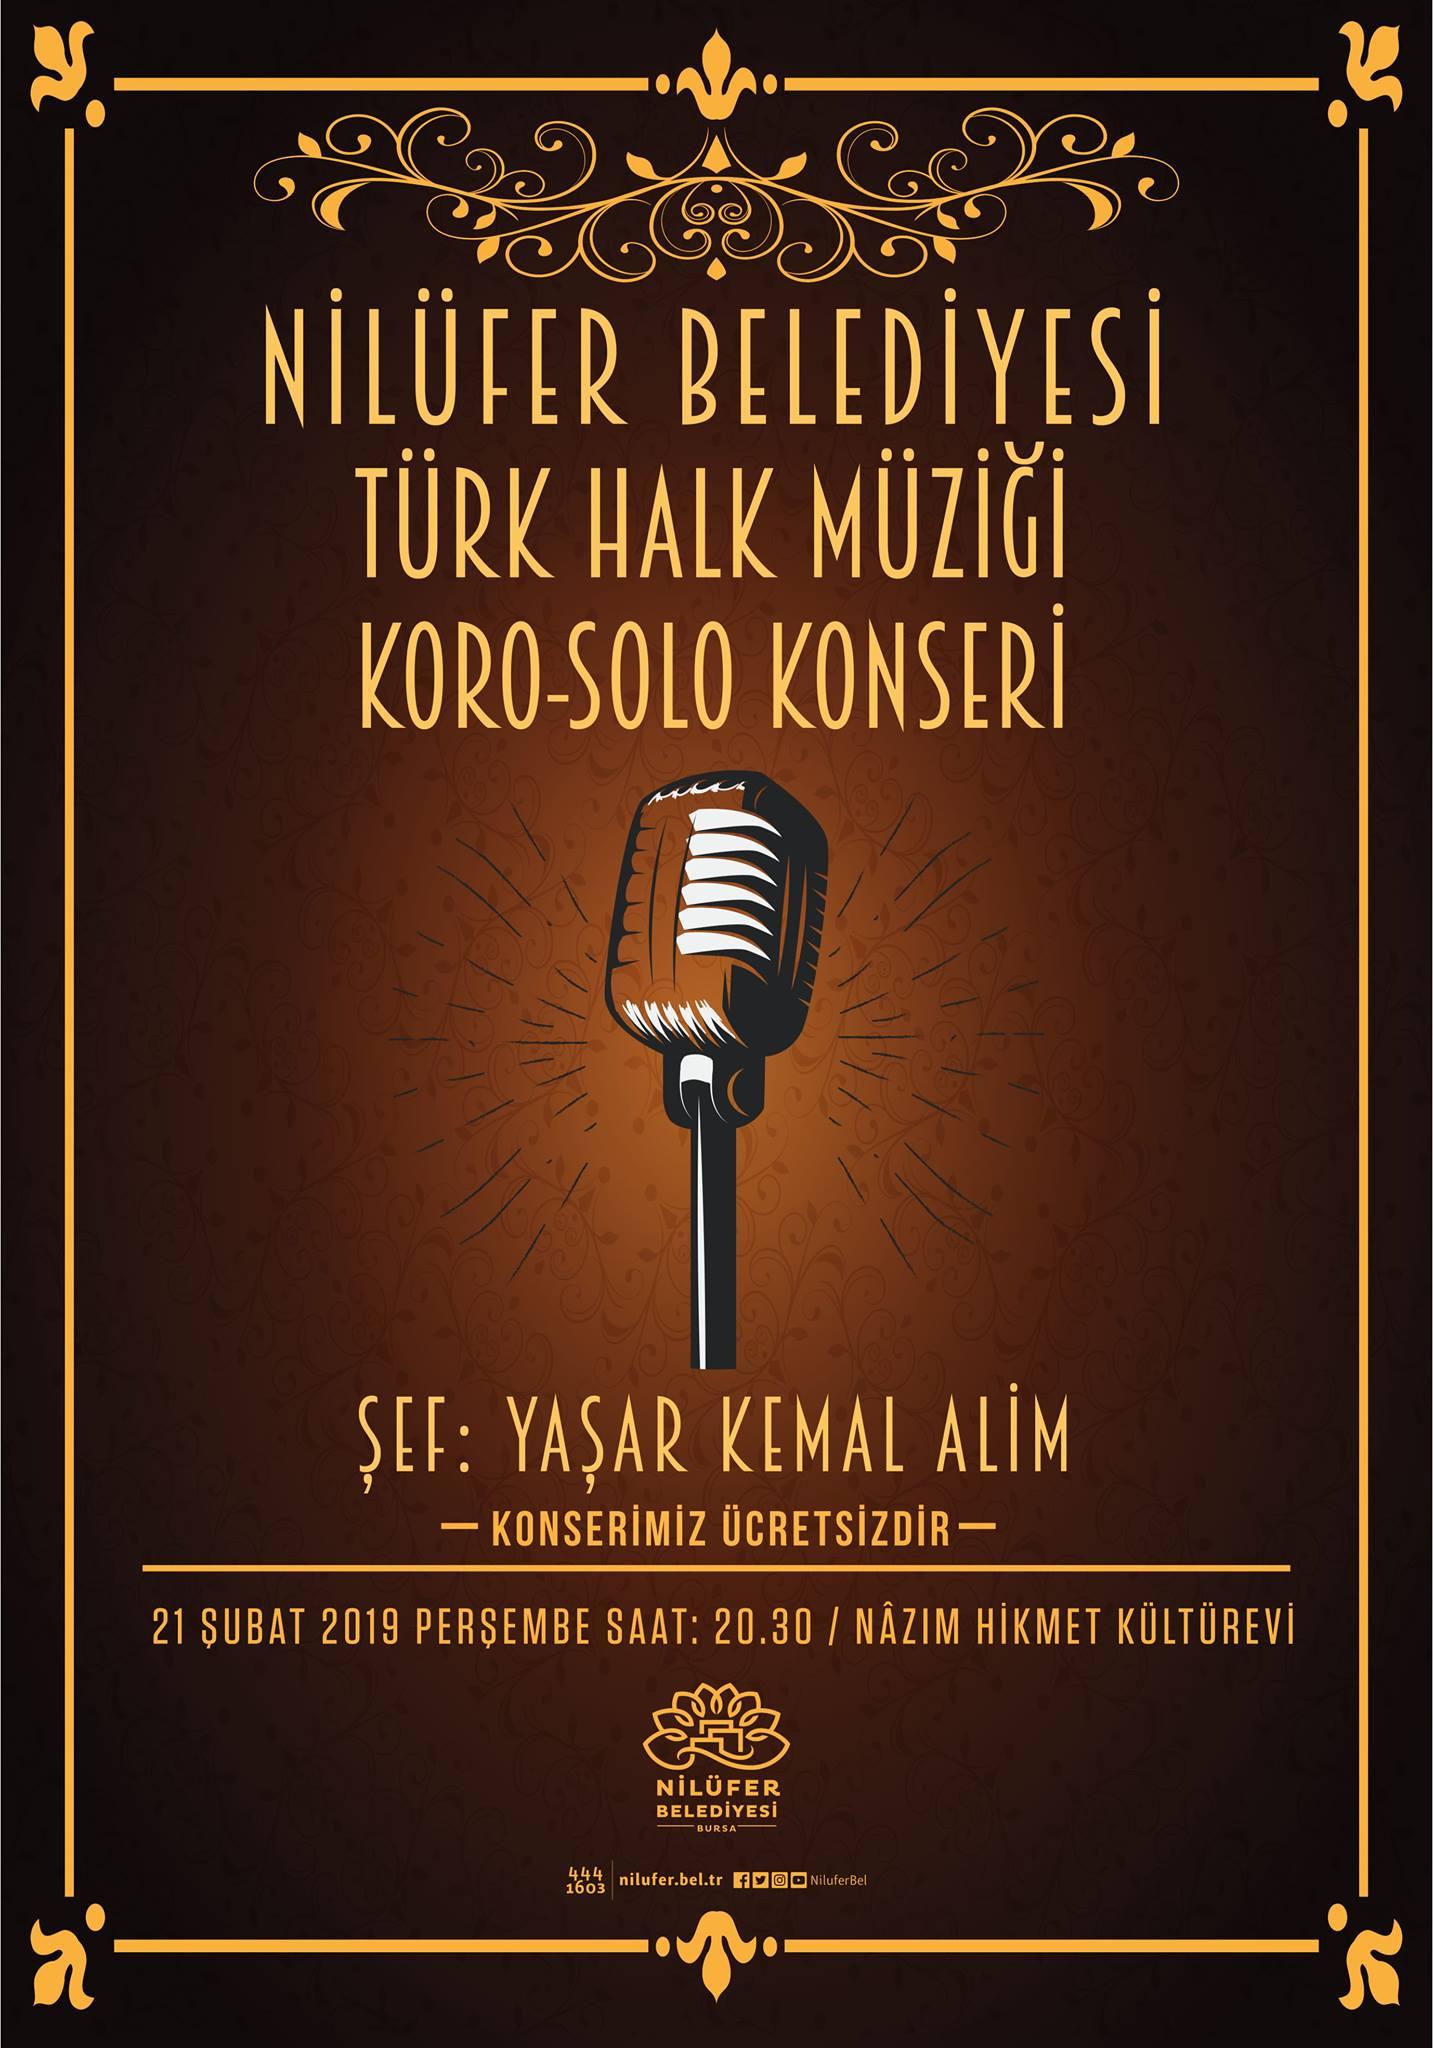 Nilüfer Belediyesi Türk Halk Müziği Koro - Solo konseri